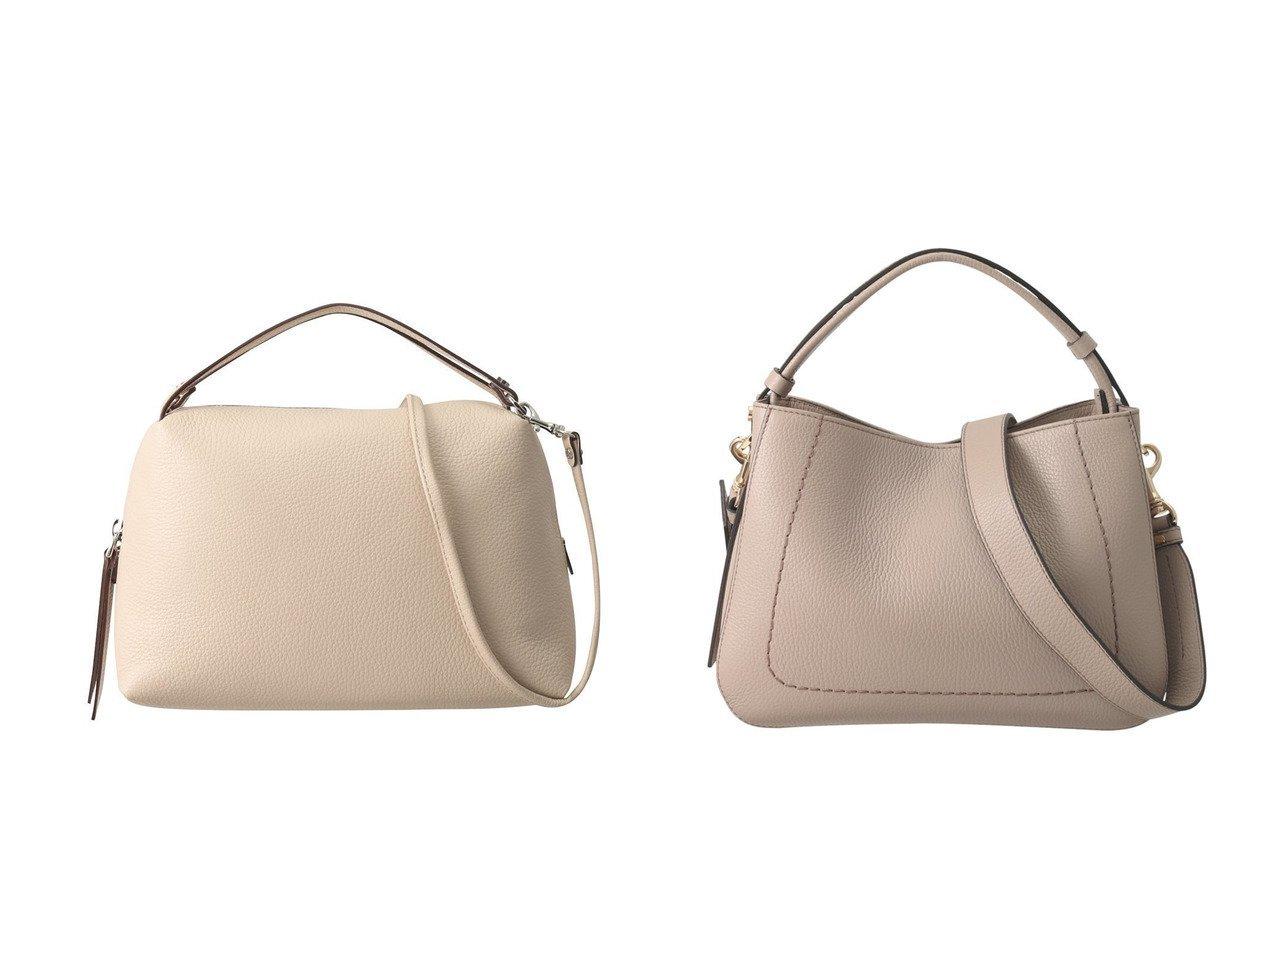 【ANAYI/アナイ】のIステッチワンショルダーBAG&【martinique/マルティニーク】の【GIANNI CHIARINI】ハンドバッグ 【バッグ・鞄】おすすめ!人気、トレンド・レディースファッションの通販  おすすめで人気の流行・トレンド、ファッションの通販商品 メンズファッション・キッズファッション・インテリア・家具・レディースファッション・服の通販 founy(ファニー) https://founy.com/ ファッション Fashion レディースファッション WOMEN アウター Coat Outerwear ジャケット Jackets ブルゾン Blouson/Jackets バッグ Bag 2021年 2021 2021春夏・S/S SS/Spring/Summer/2021 S/S・春夏 SS・Spring/Summer なめらか ショルダー ジャケット ハンドバッグ フロント ブルゾン ポケット 春 Spring |ID:crp329100000026316